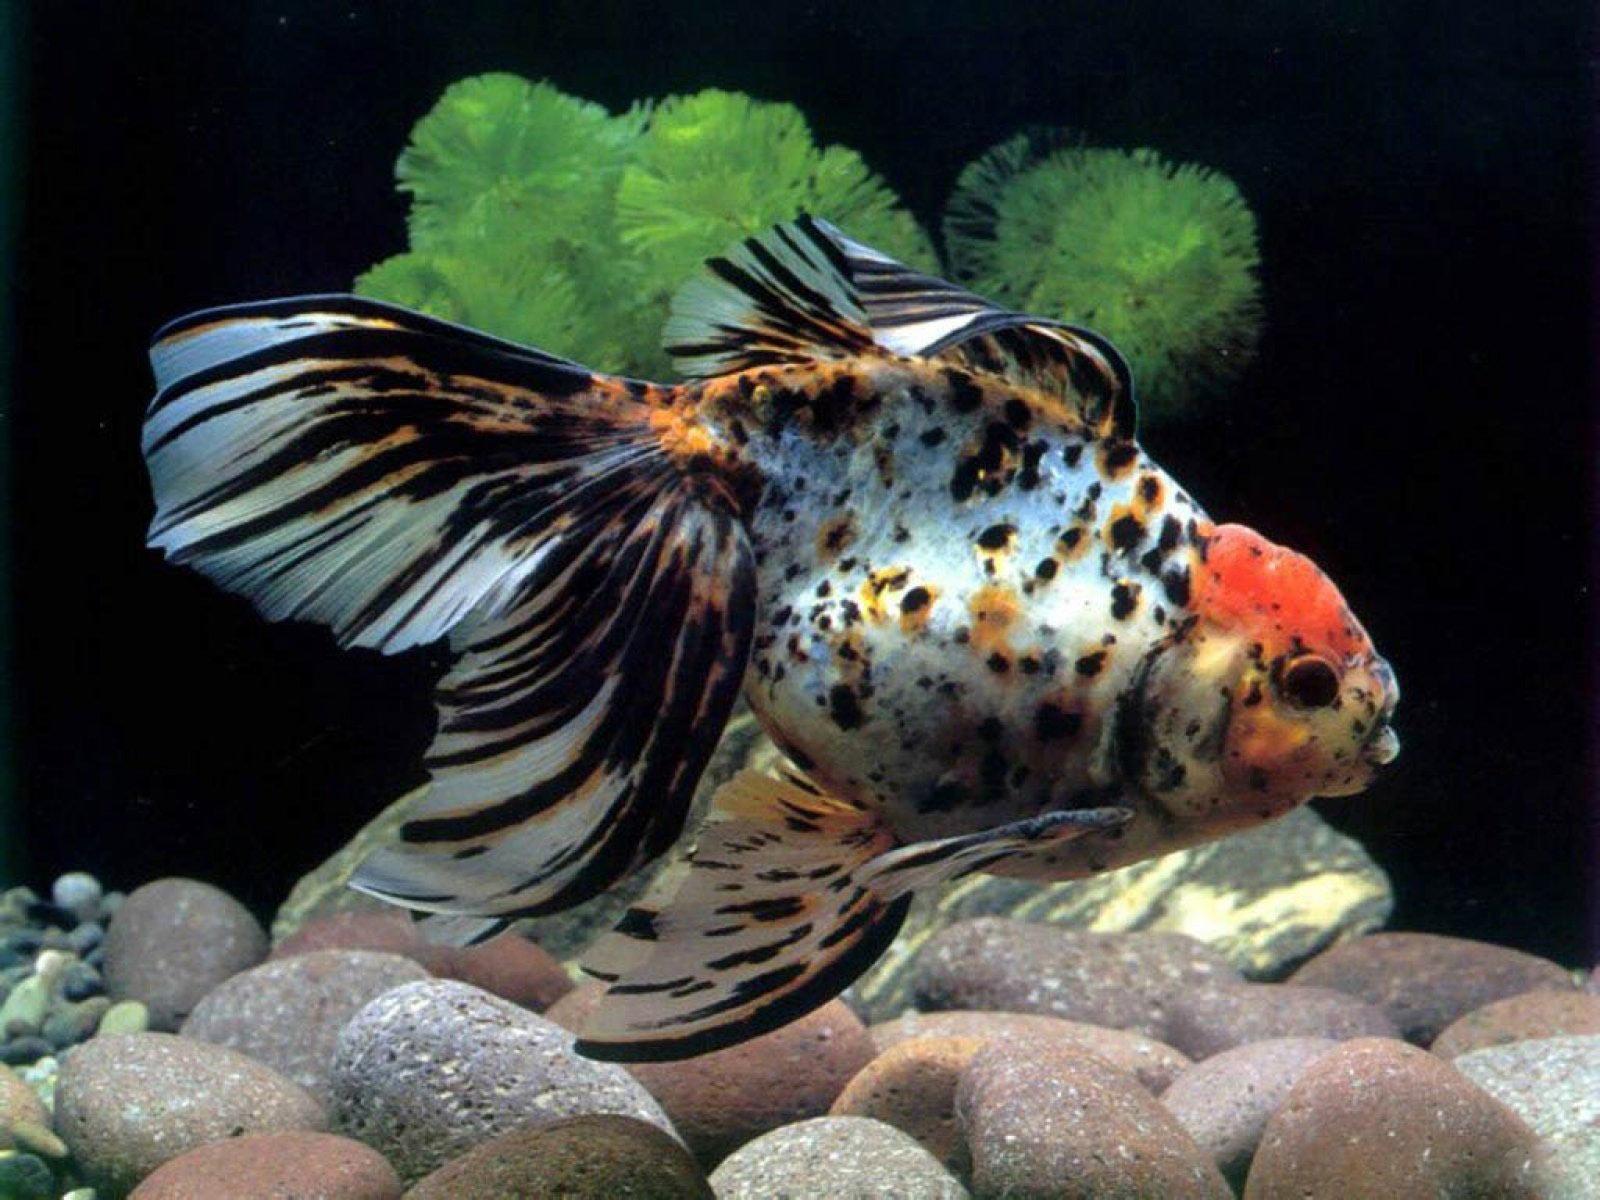 Fish in aquarium desktop wallpaper - Aquarium Fish Wallpaper High Quality Wallpapers Wallpaper Desktop